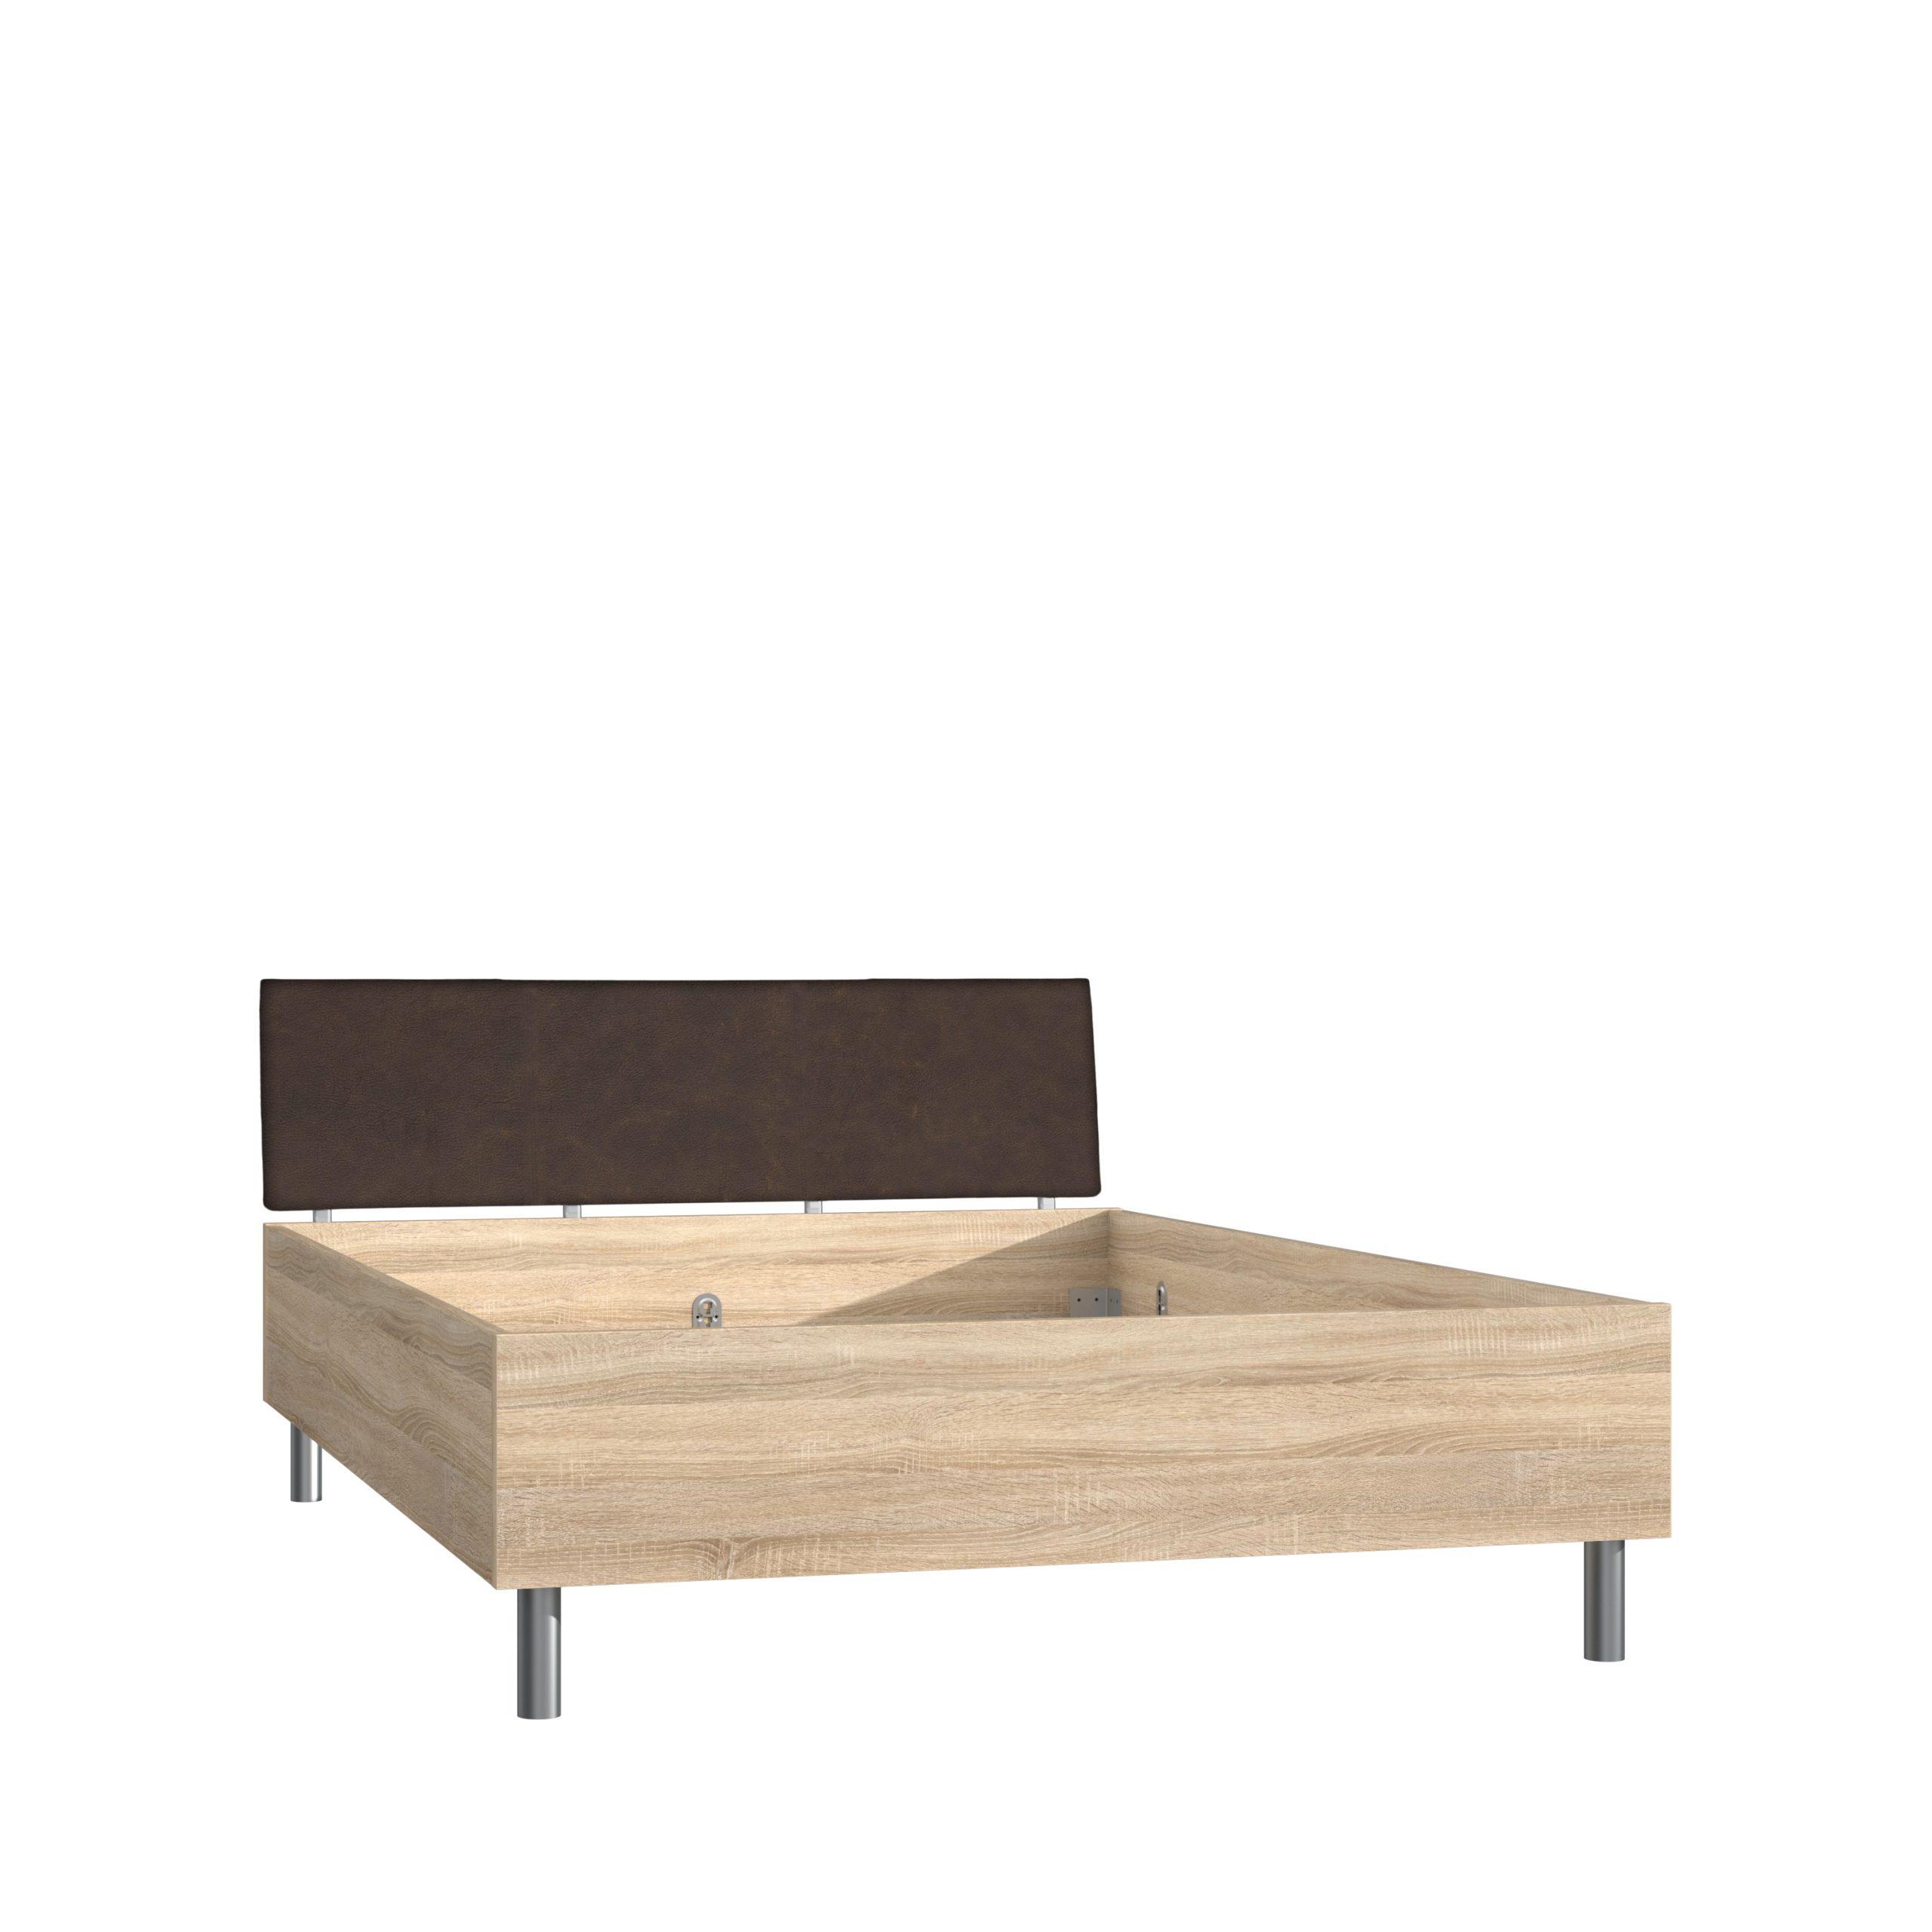 Full Size of Bett 1 40x2 00 140x200 Poco Günstige Betten Großes Weiß 120x200 Pinolino Sofa 3 2 Sitzer Für übergewichtige Ausstellungsstück Rausfallschutz Boxspring Bett Bett 1 40x2 00